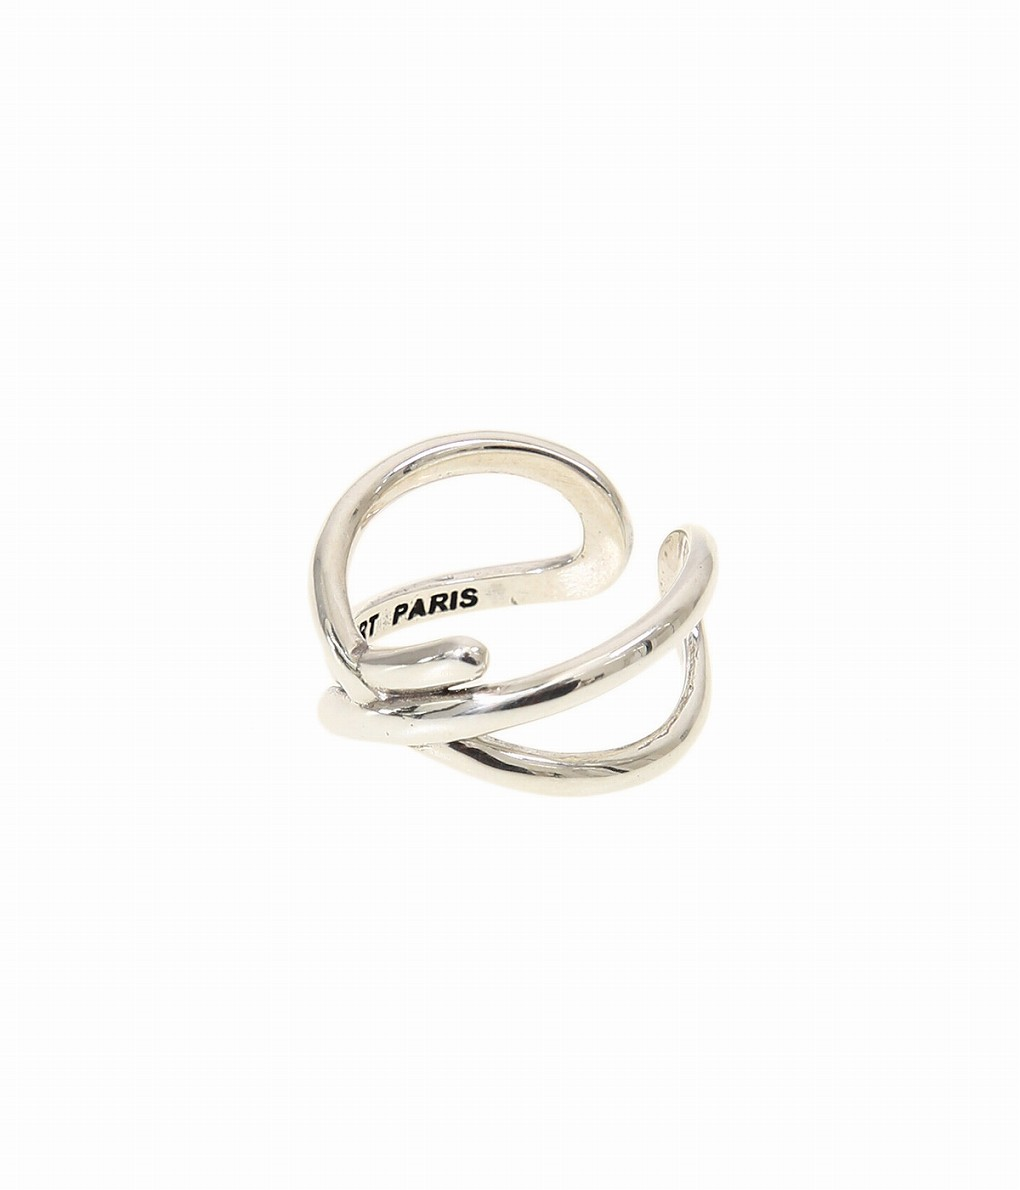 【送料無料】【期間限定ポイント10倍!】PHILIPPE AUDIBERT / フィリップオーディベール : Hany ringbrass(brass silver color) : フィリップオーディベール リング ブラス レディース : BG4574【ANN】